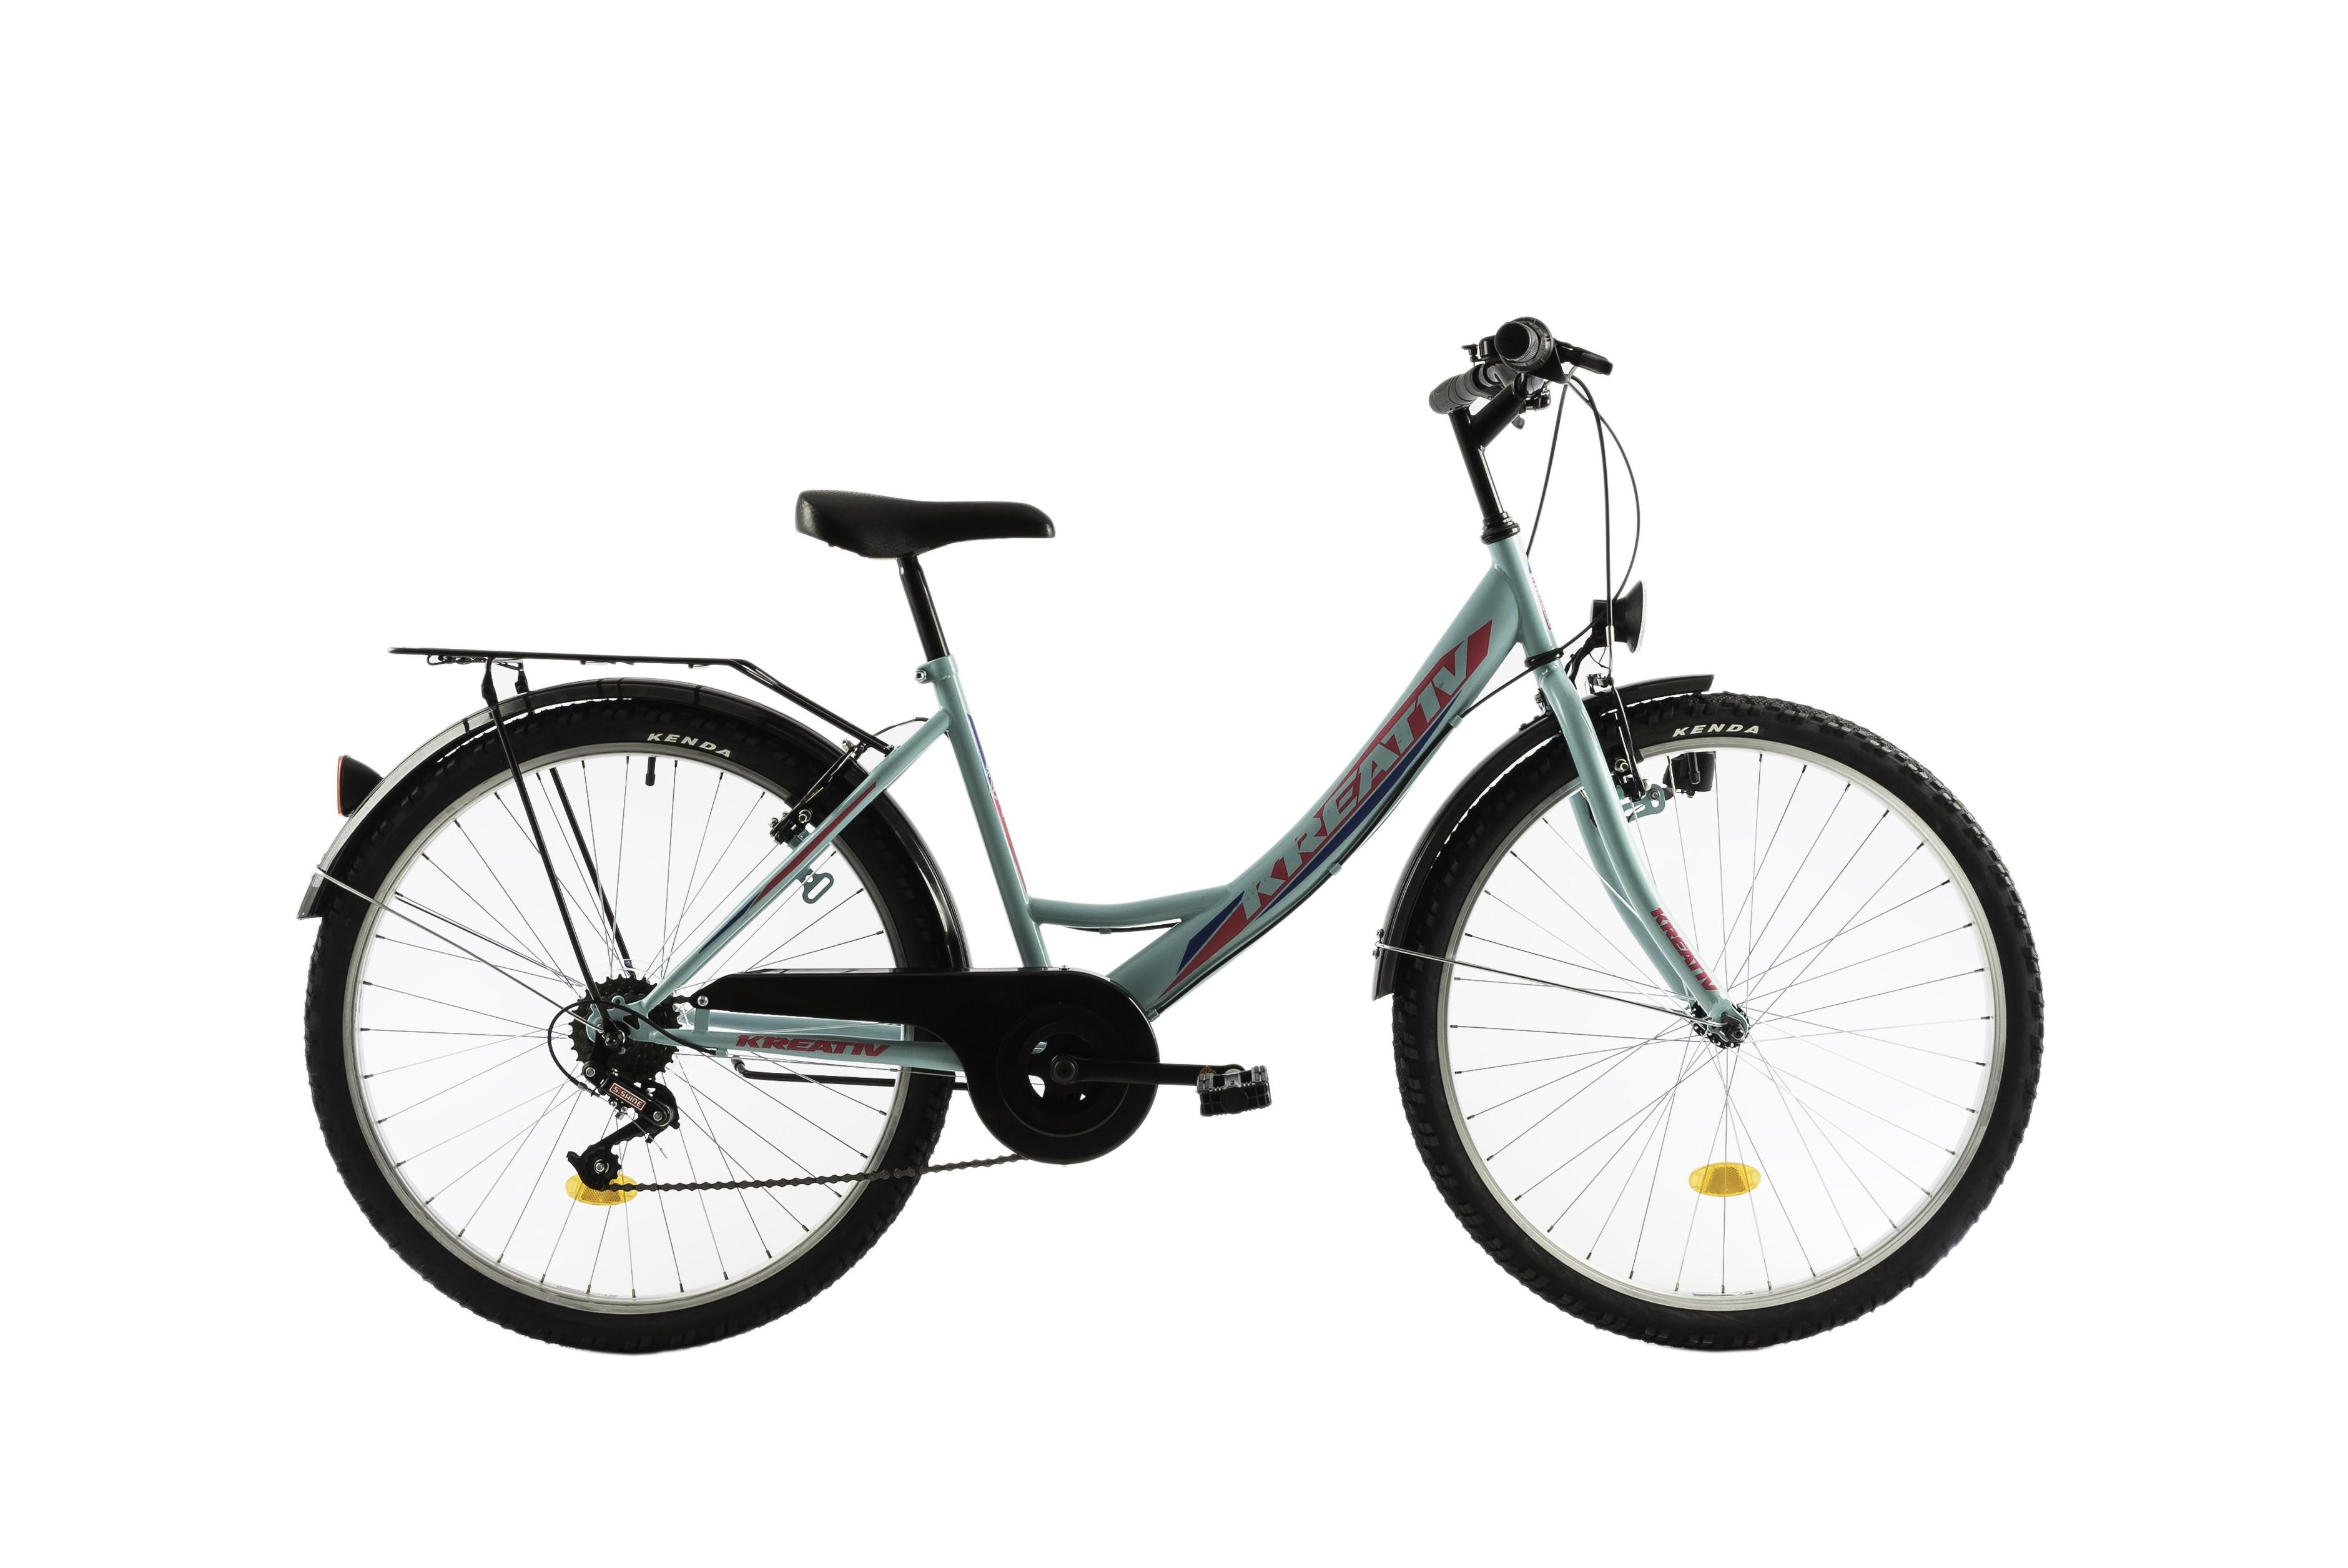 100% calitate potrivire clasică adidași Bicicleta Oras, Dama, DHS, Kreativ 2614, Model 2018, 420 mm